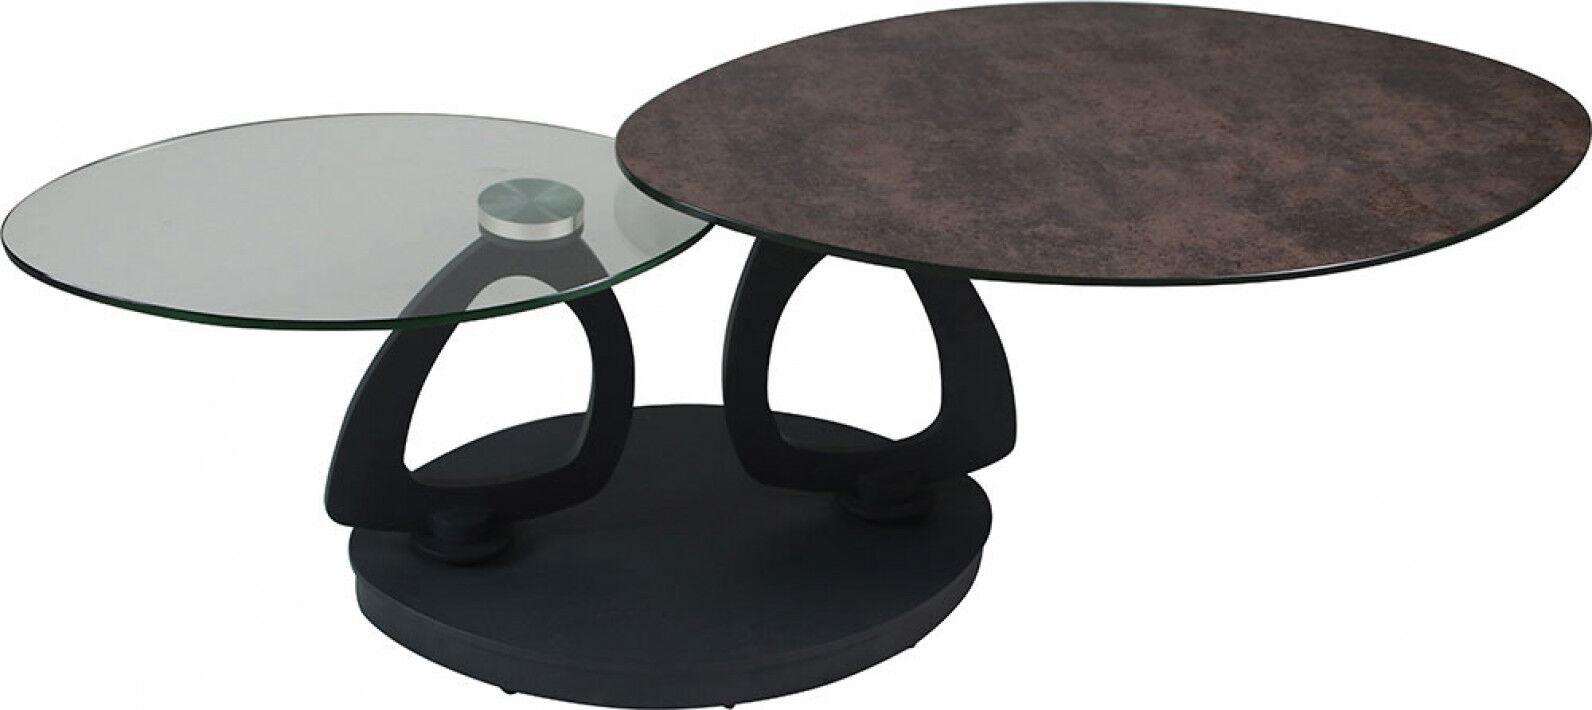 Destock Meubles Table basse design double plateau en verre anthracite et transparent